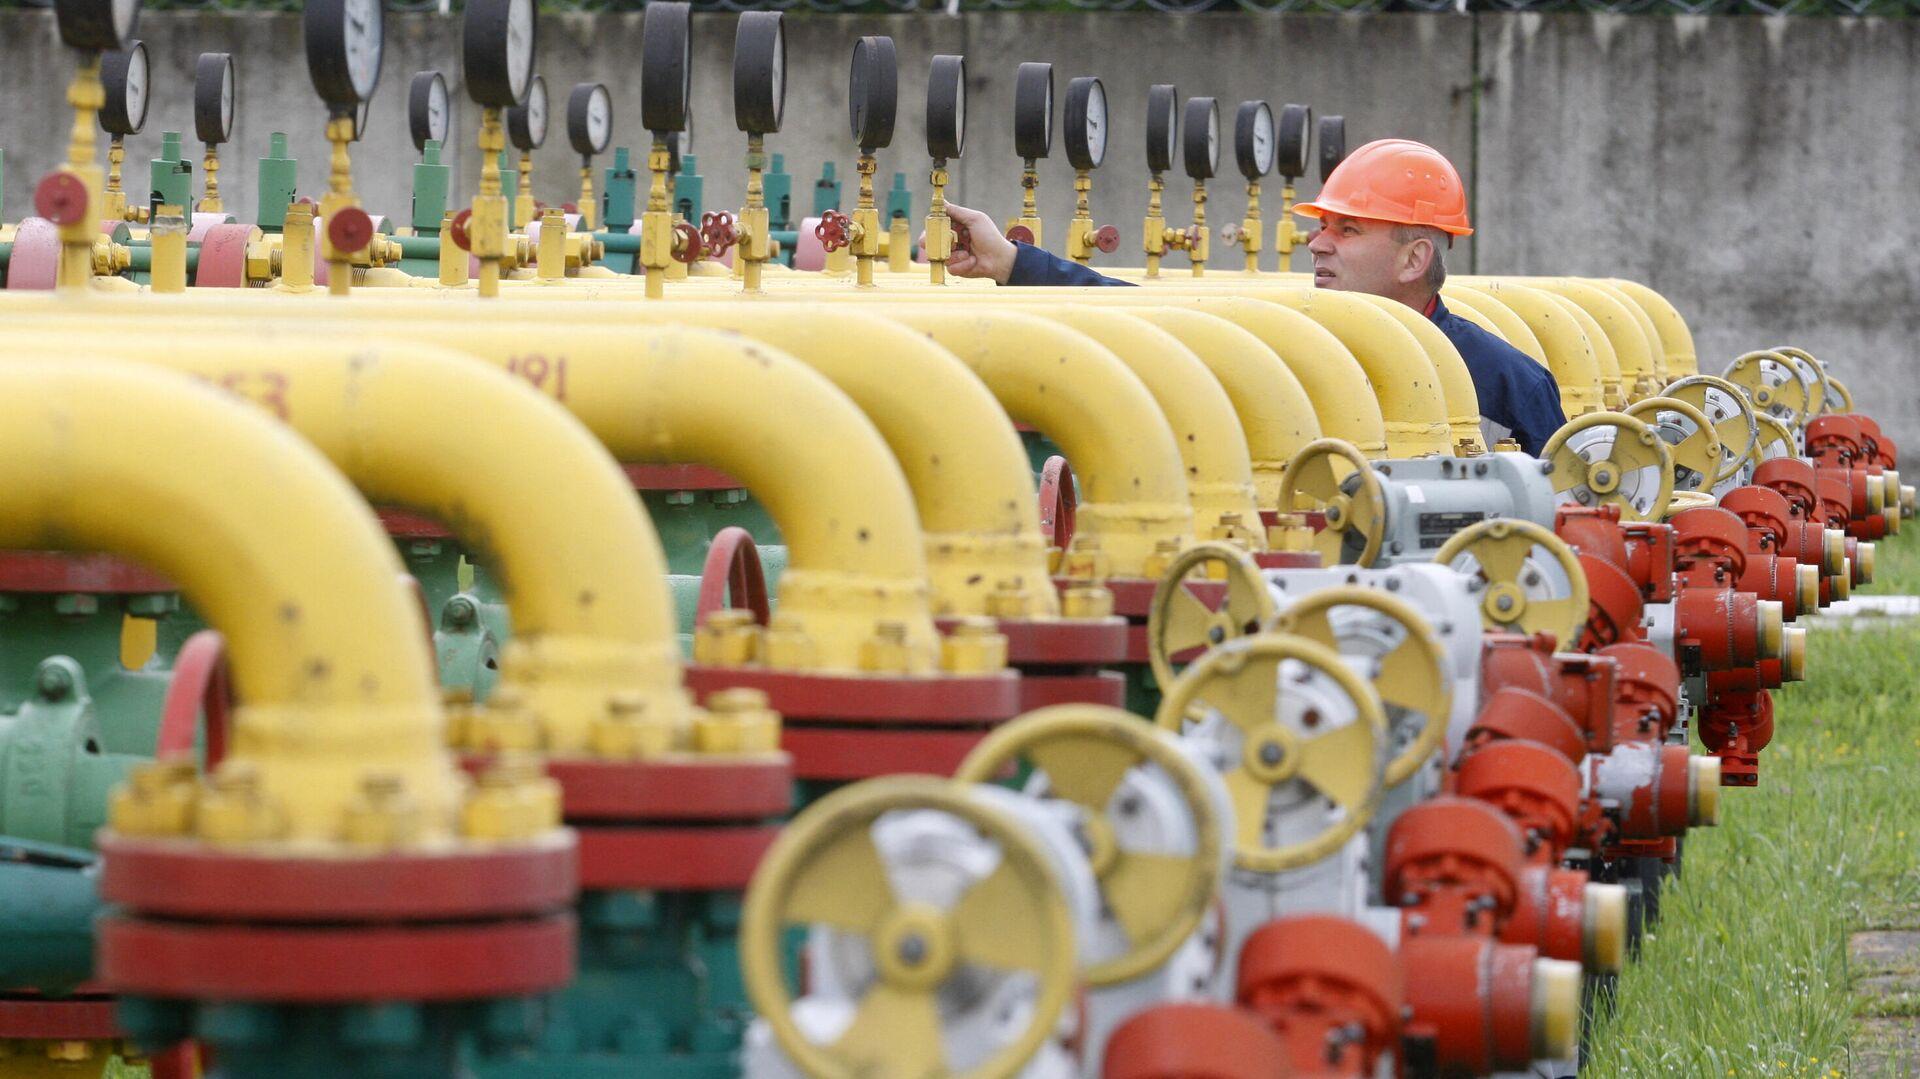 Сотрудник проверяет оборудование на Дашавском подземном хранилище газа в районе города Стрый под Львовом - РИА Новости, 1920, 18.04.2021